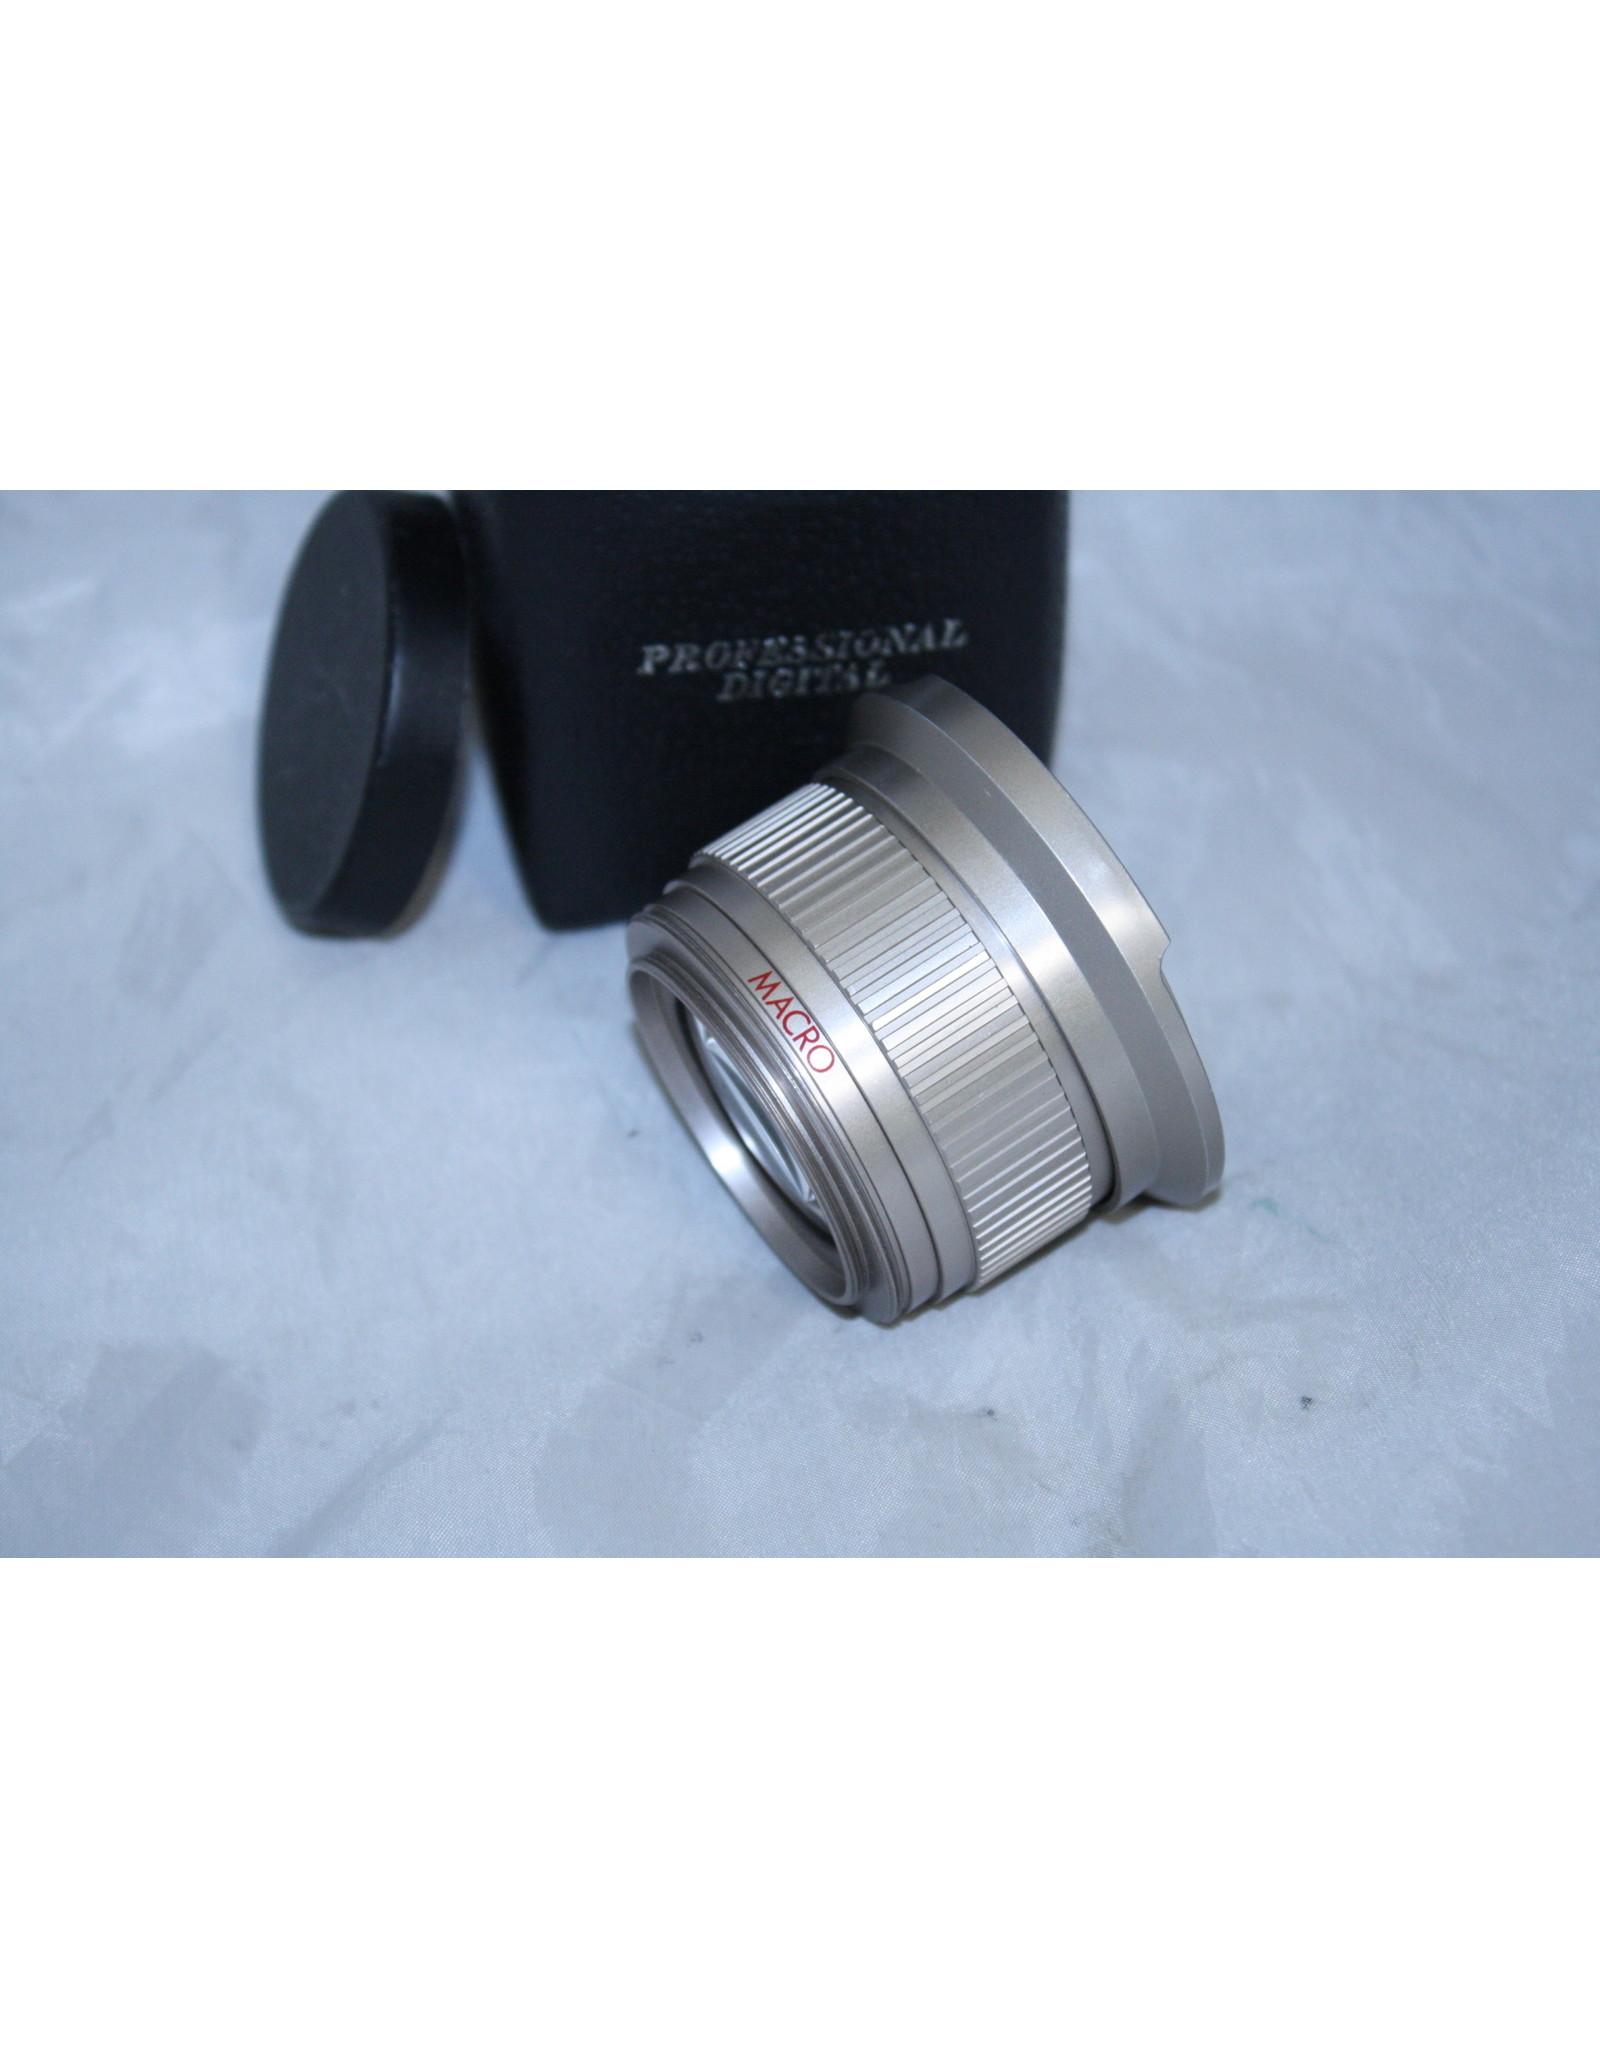 Arcturus Digital High Def 0.42X WA w/ Macro (46mm)